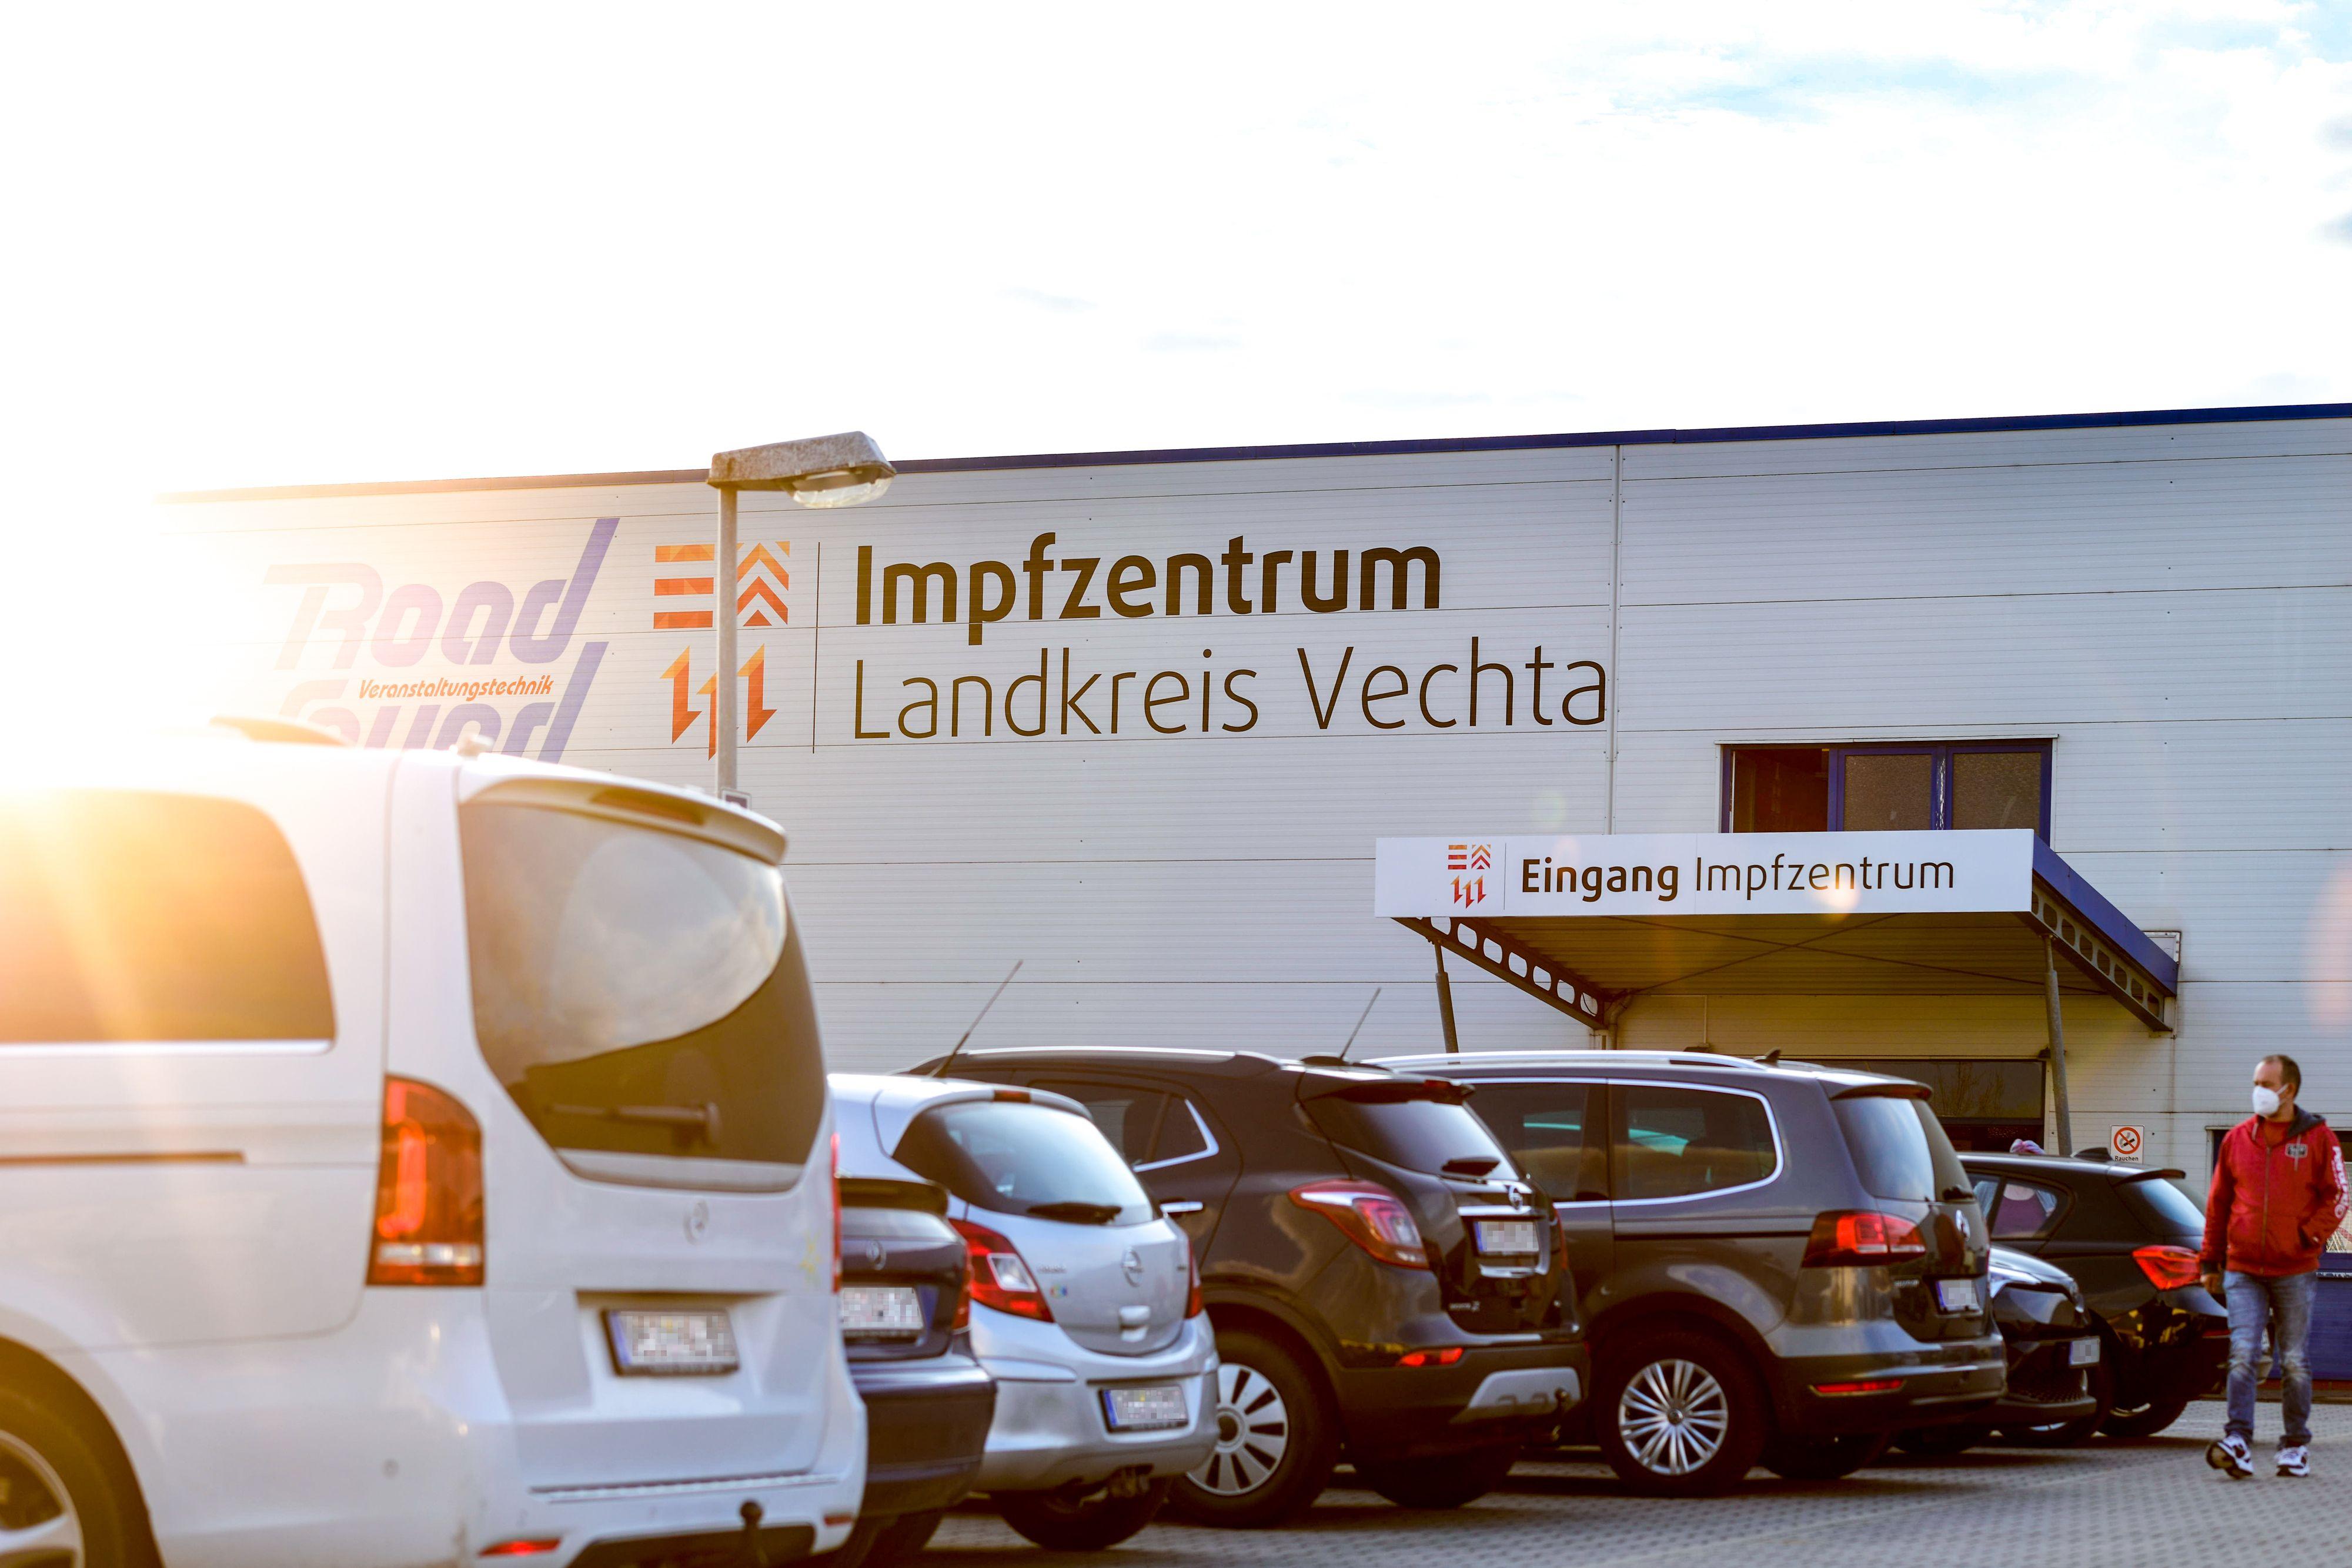 Das Impfzentrum in Lohne: Großer Ansturm am 1. Mai 2021. Foto: Chowanietz